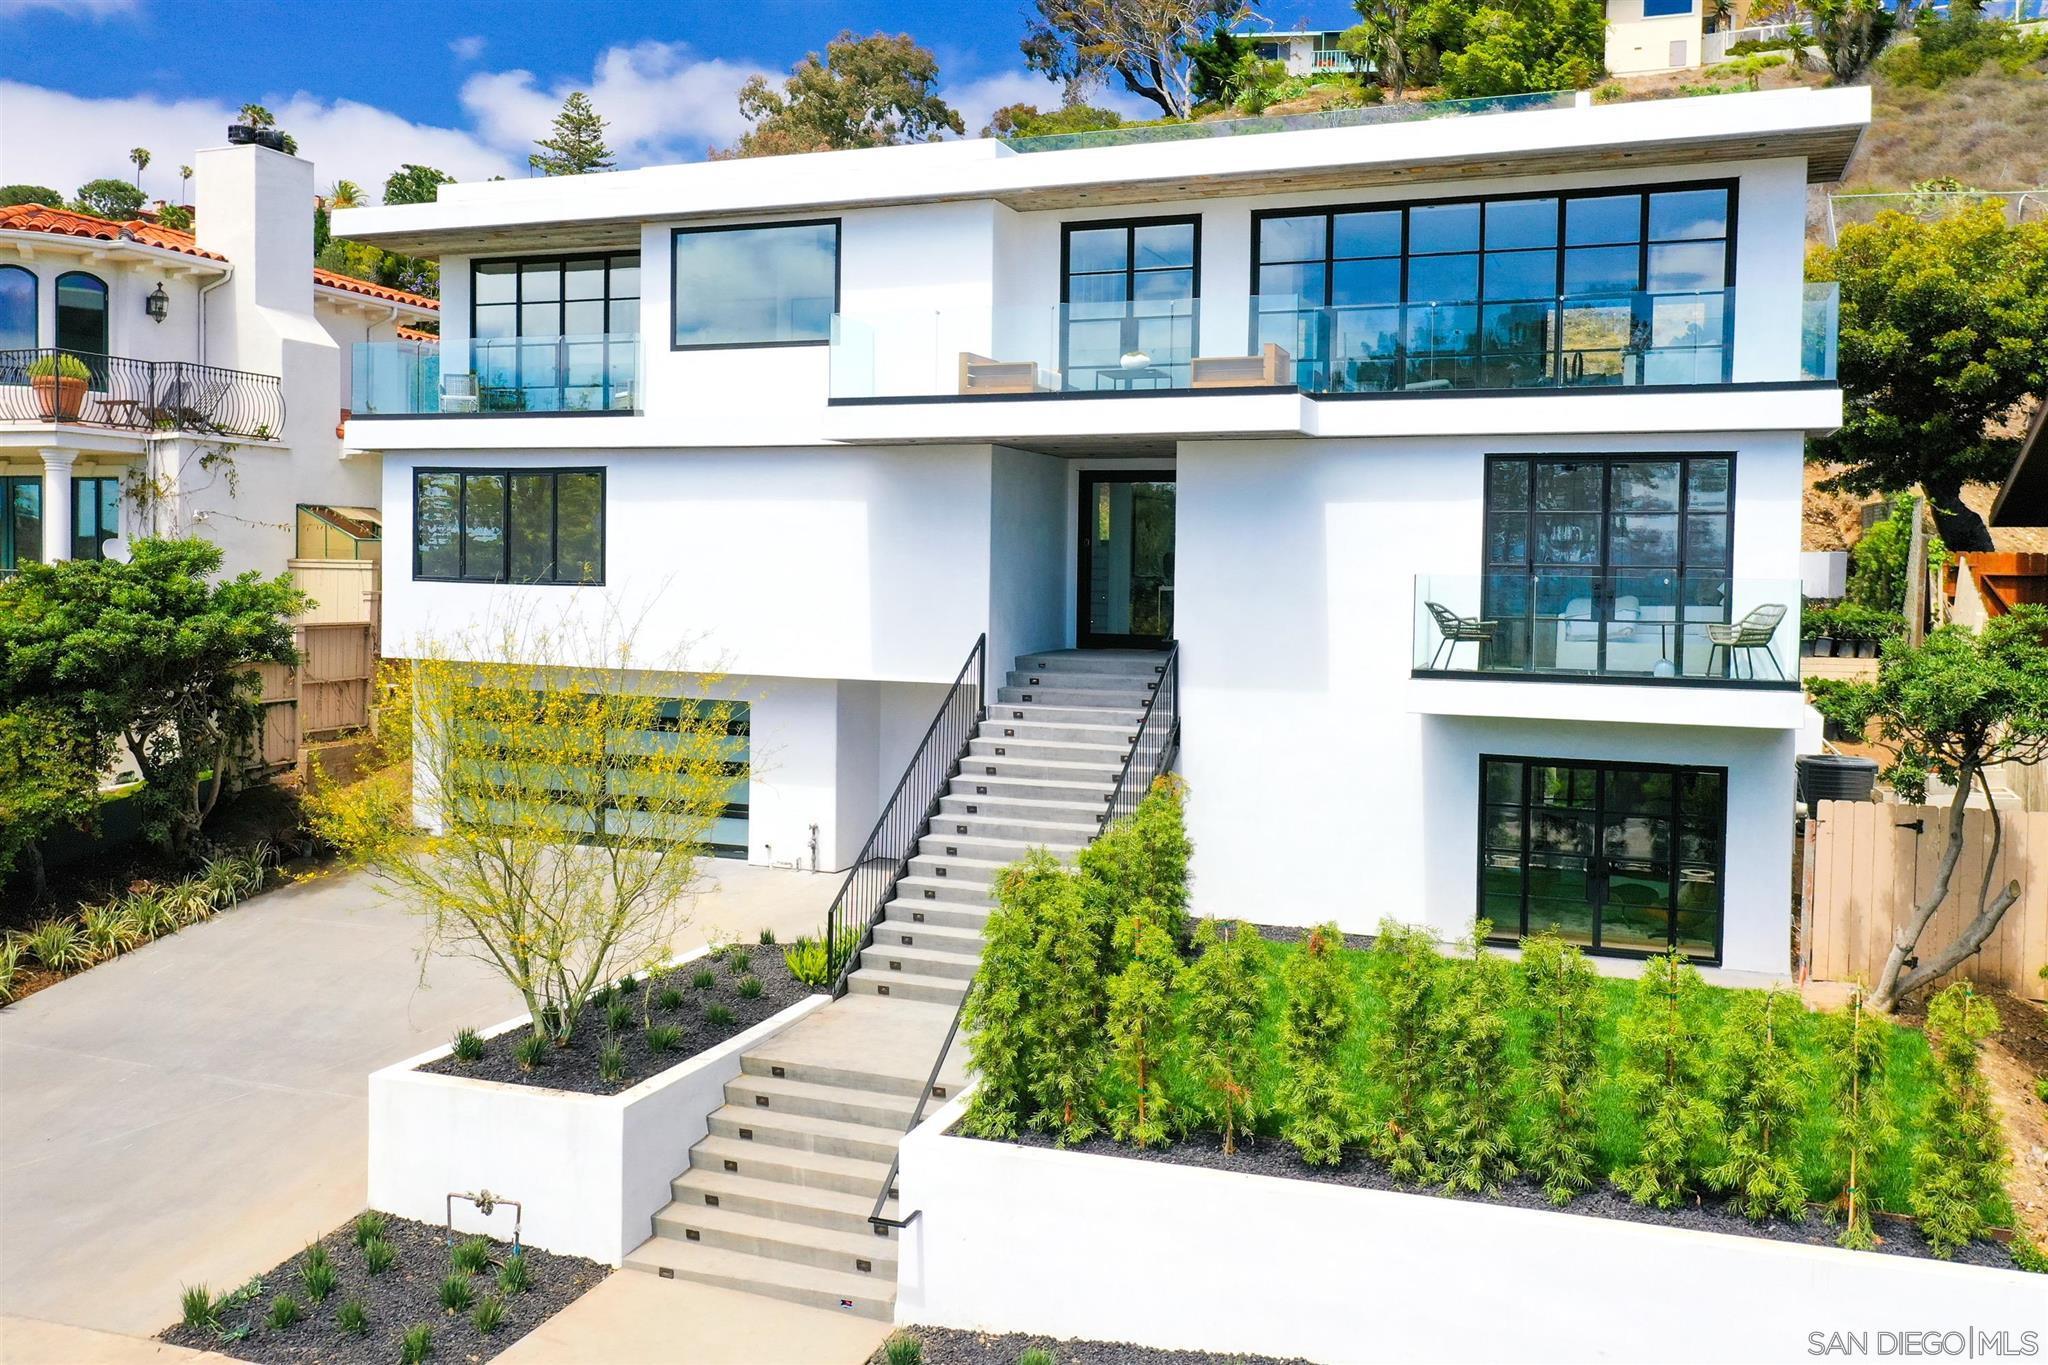 Photo of 5935 Folsom Drive, La Jolla, CA 92037